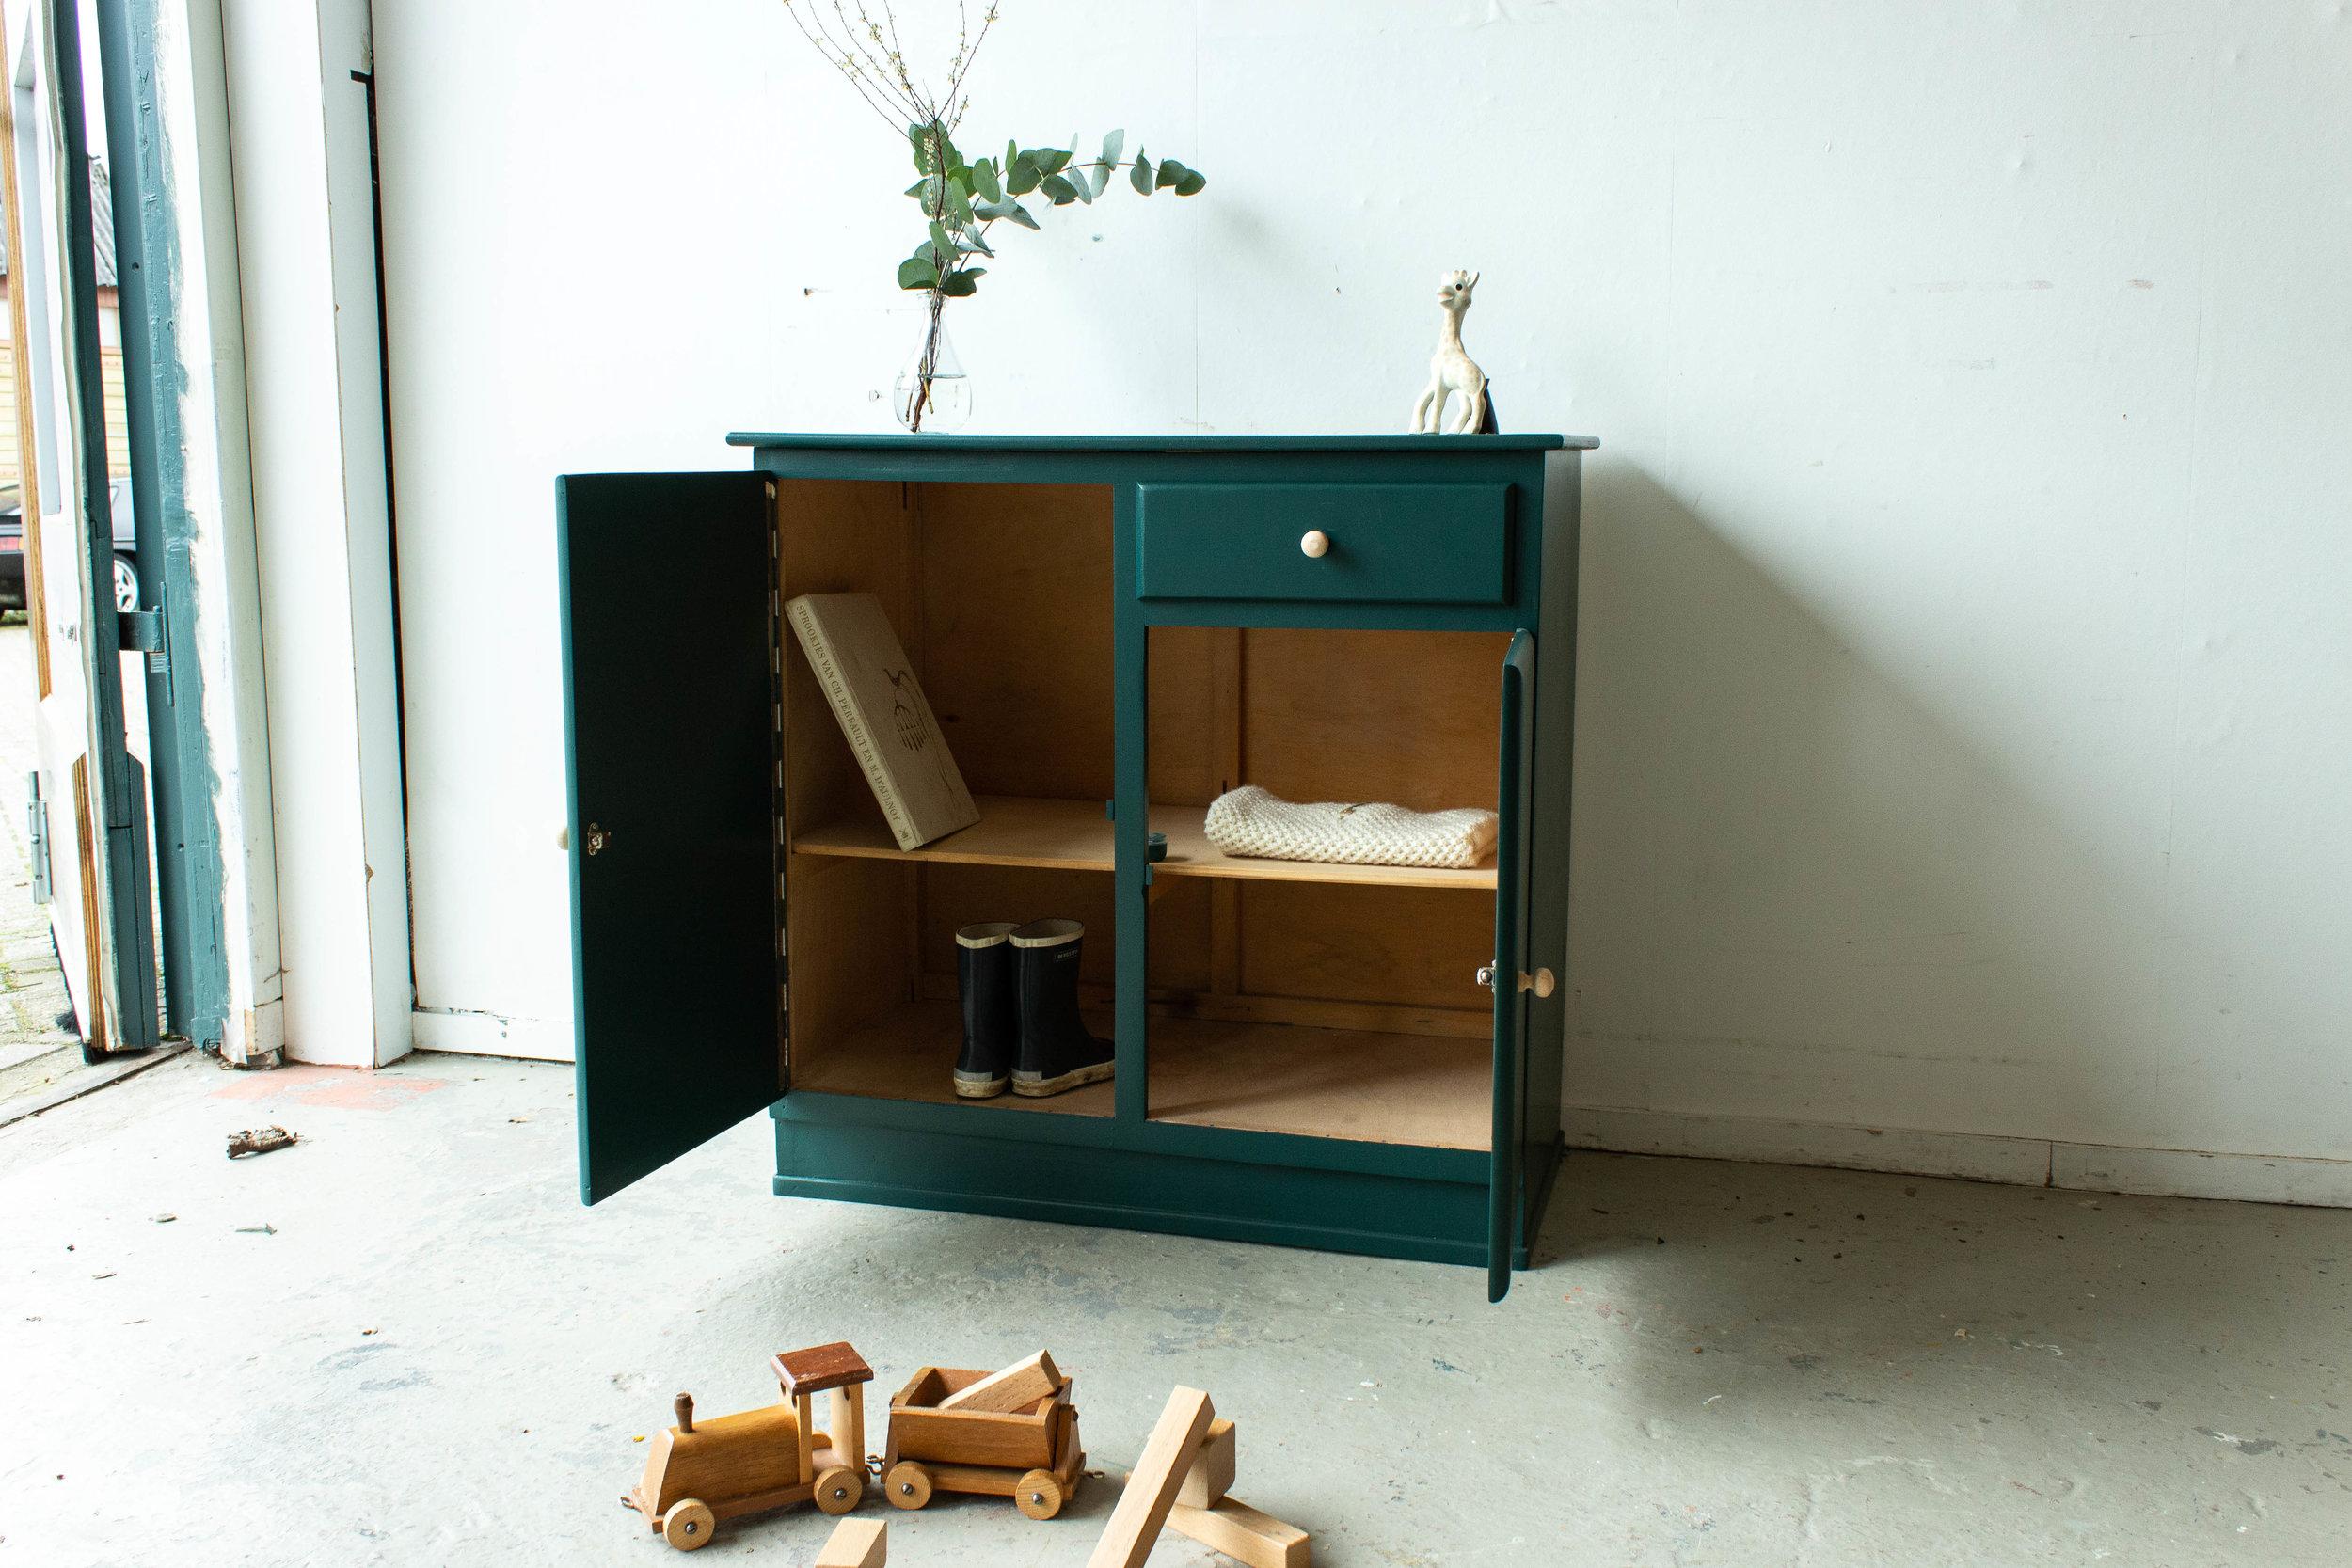 1450 - Groen vintage speelgoedkastje-3.jpg